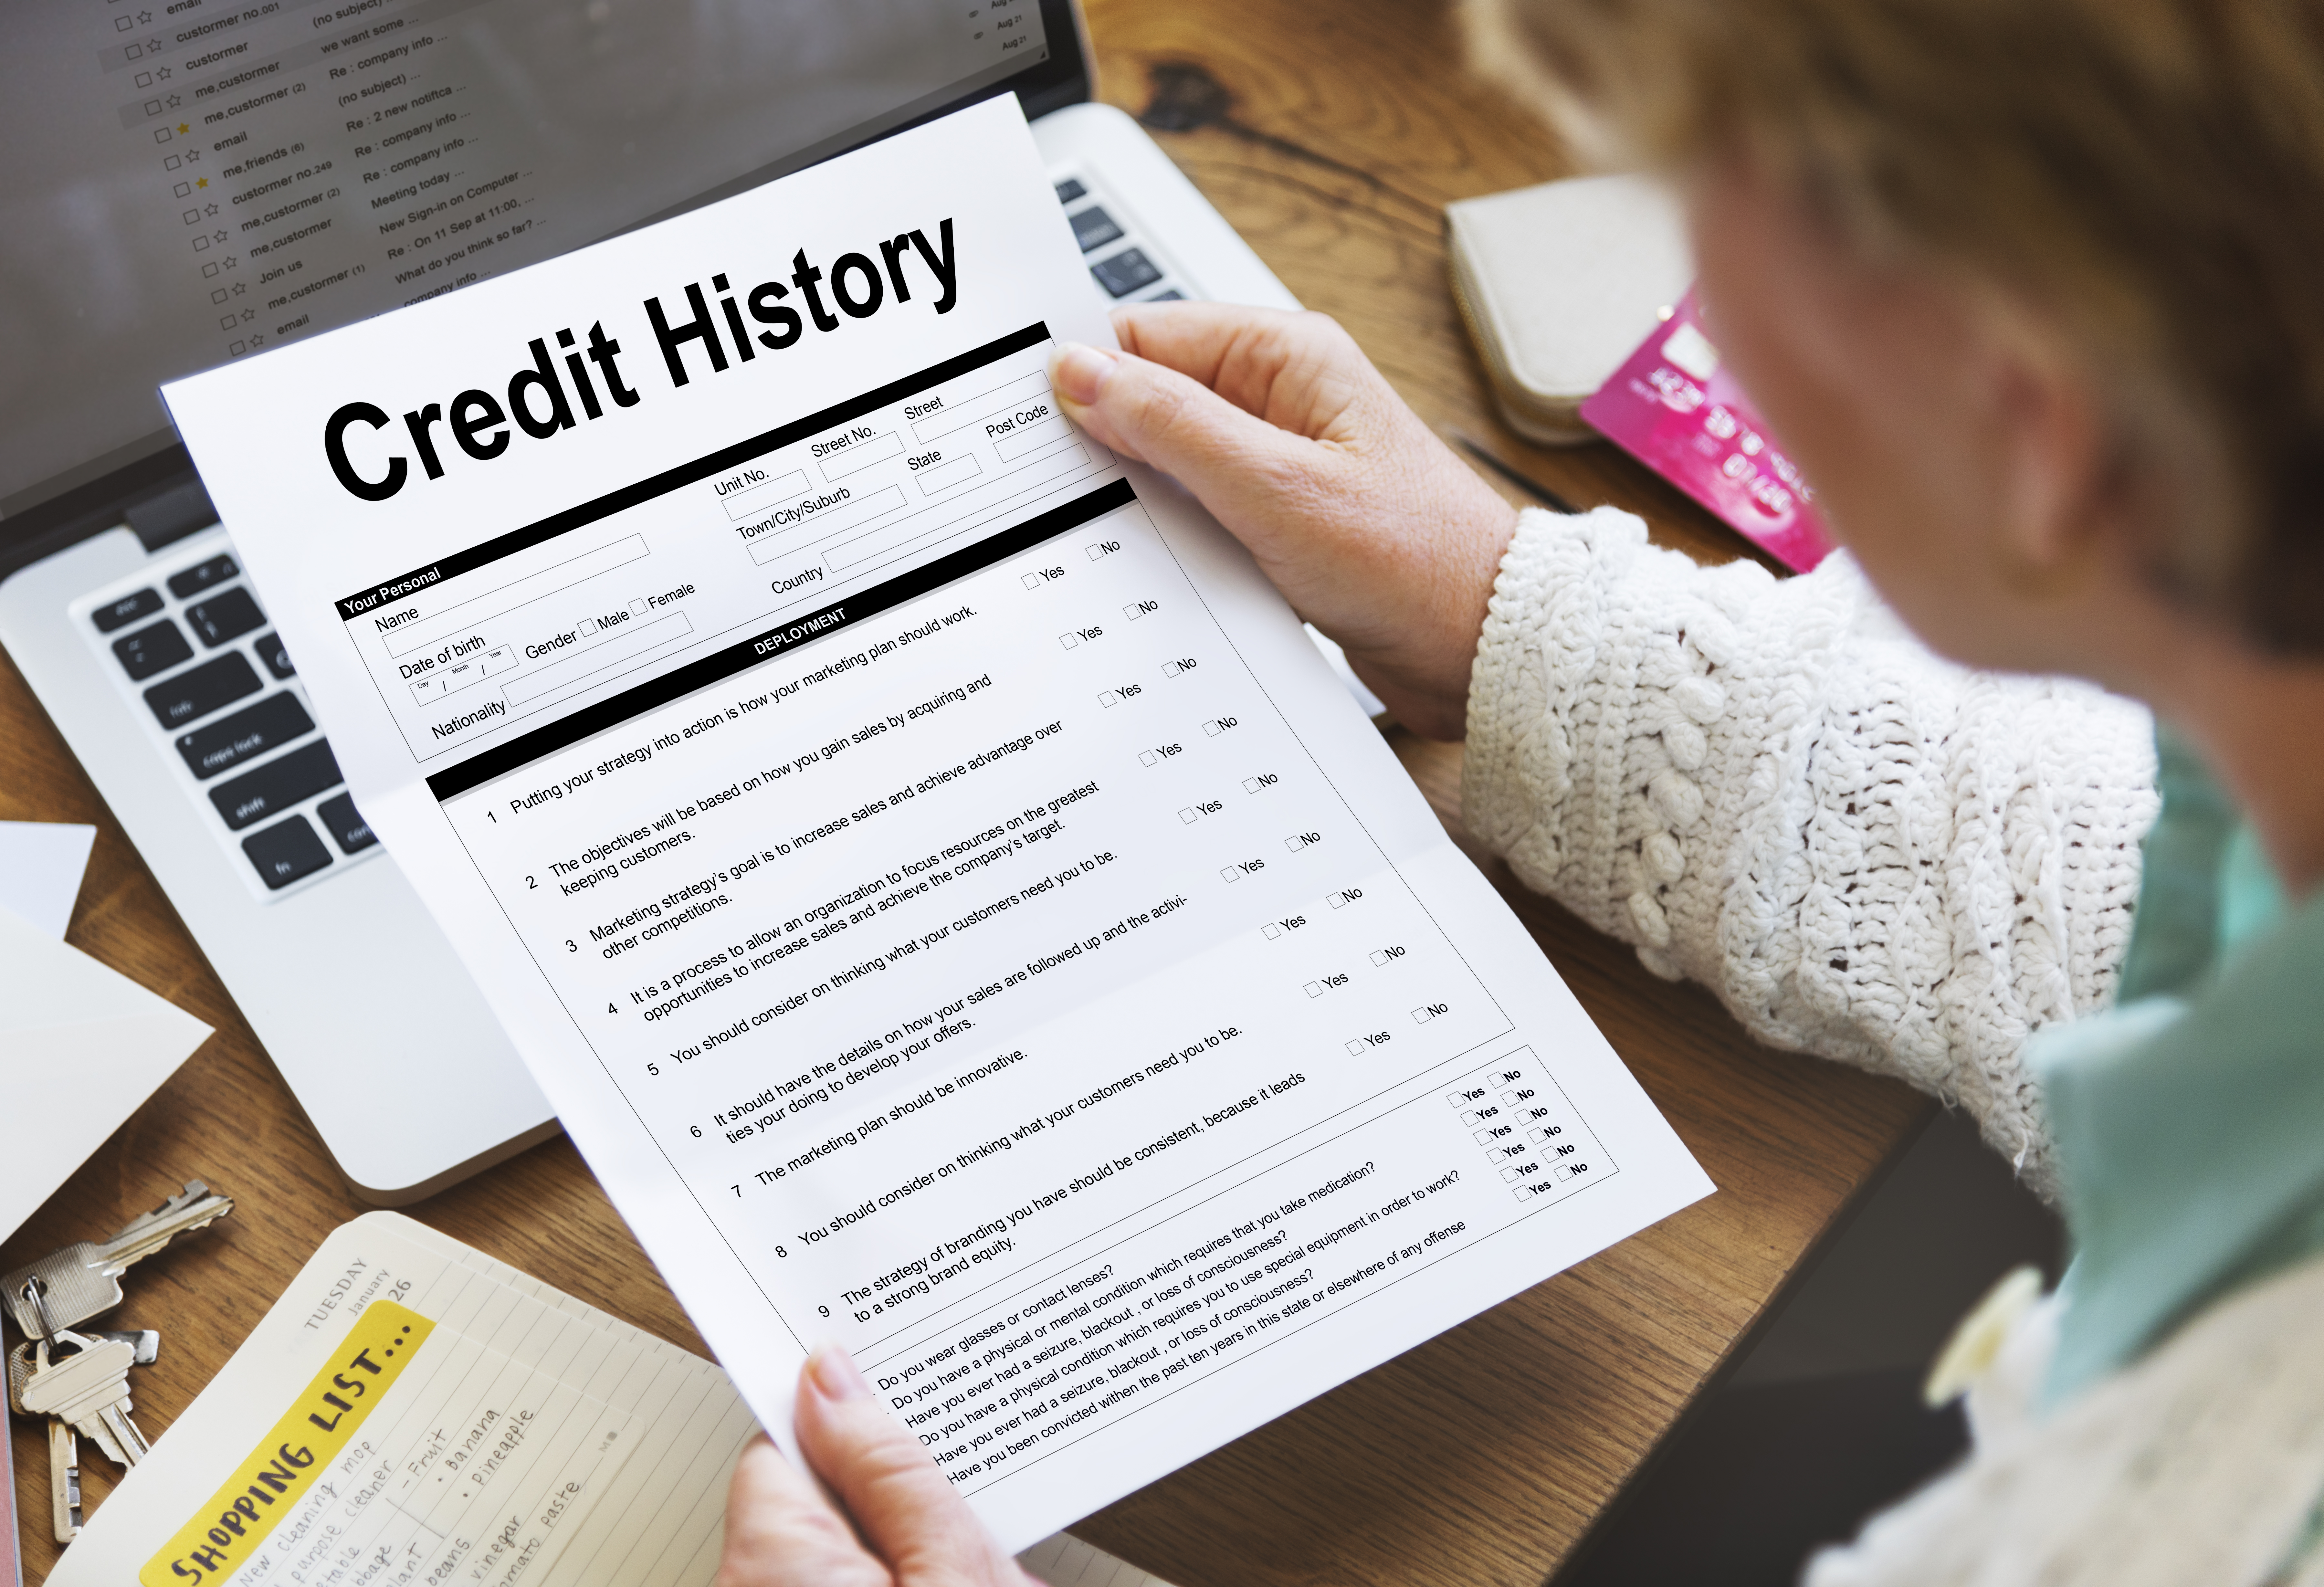 микрозаймы испортили кредитную историю заговор чтоб дали кредит